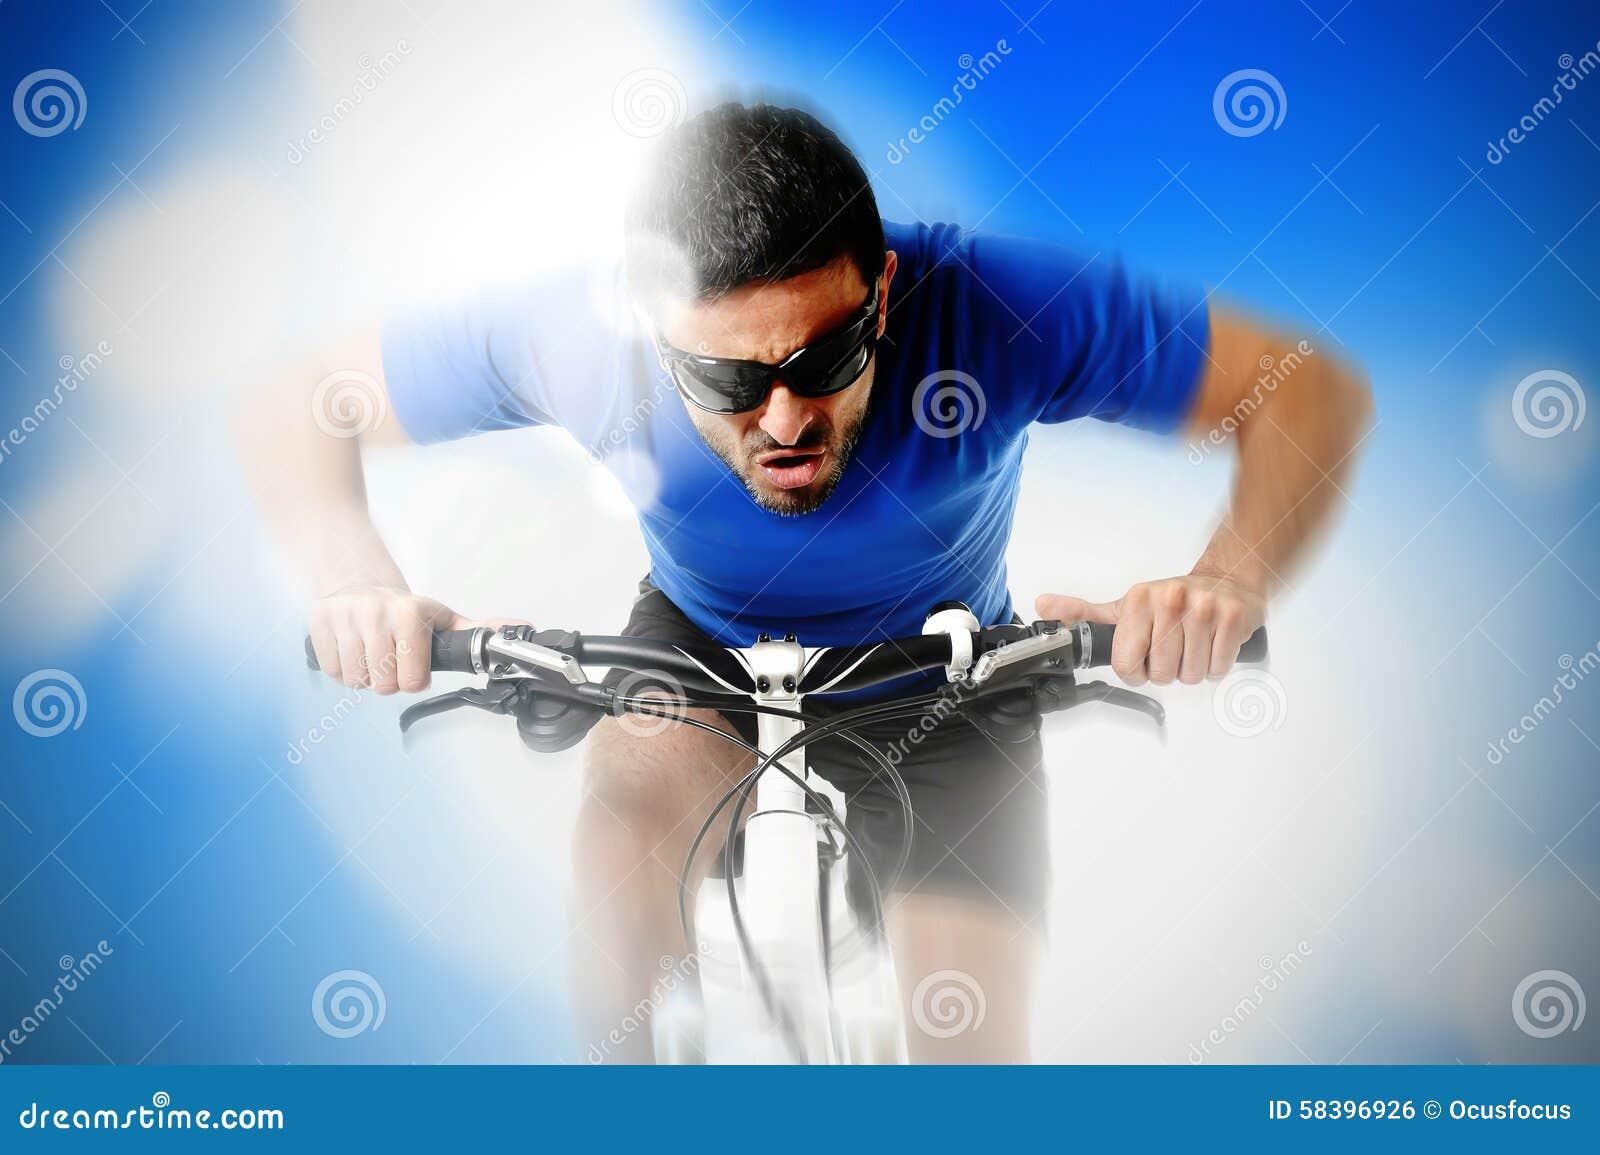 Zusammensetzung der jungen aggressiven Sportmann-Reitmountainbike in der Frontansicht